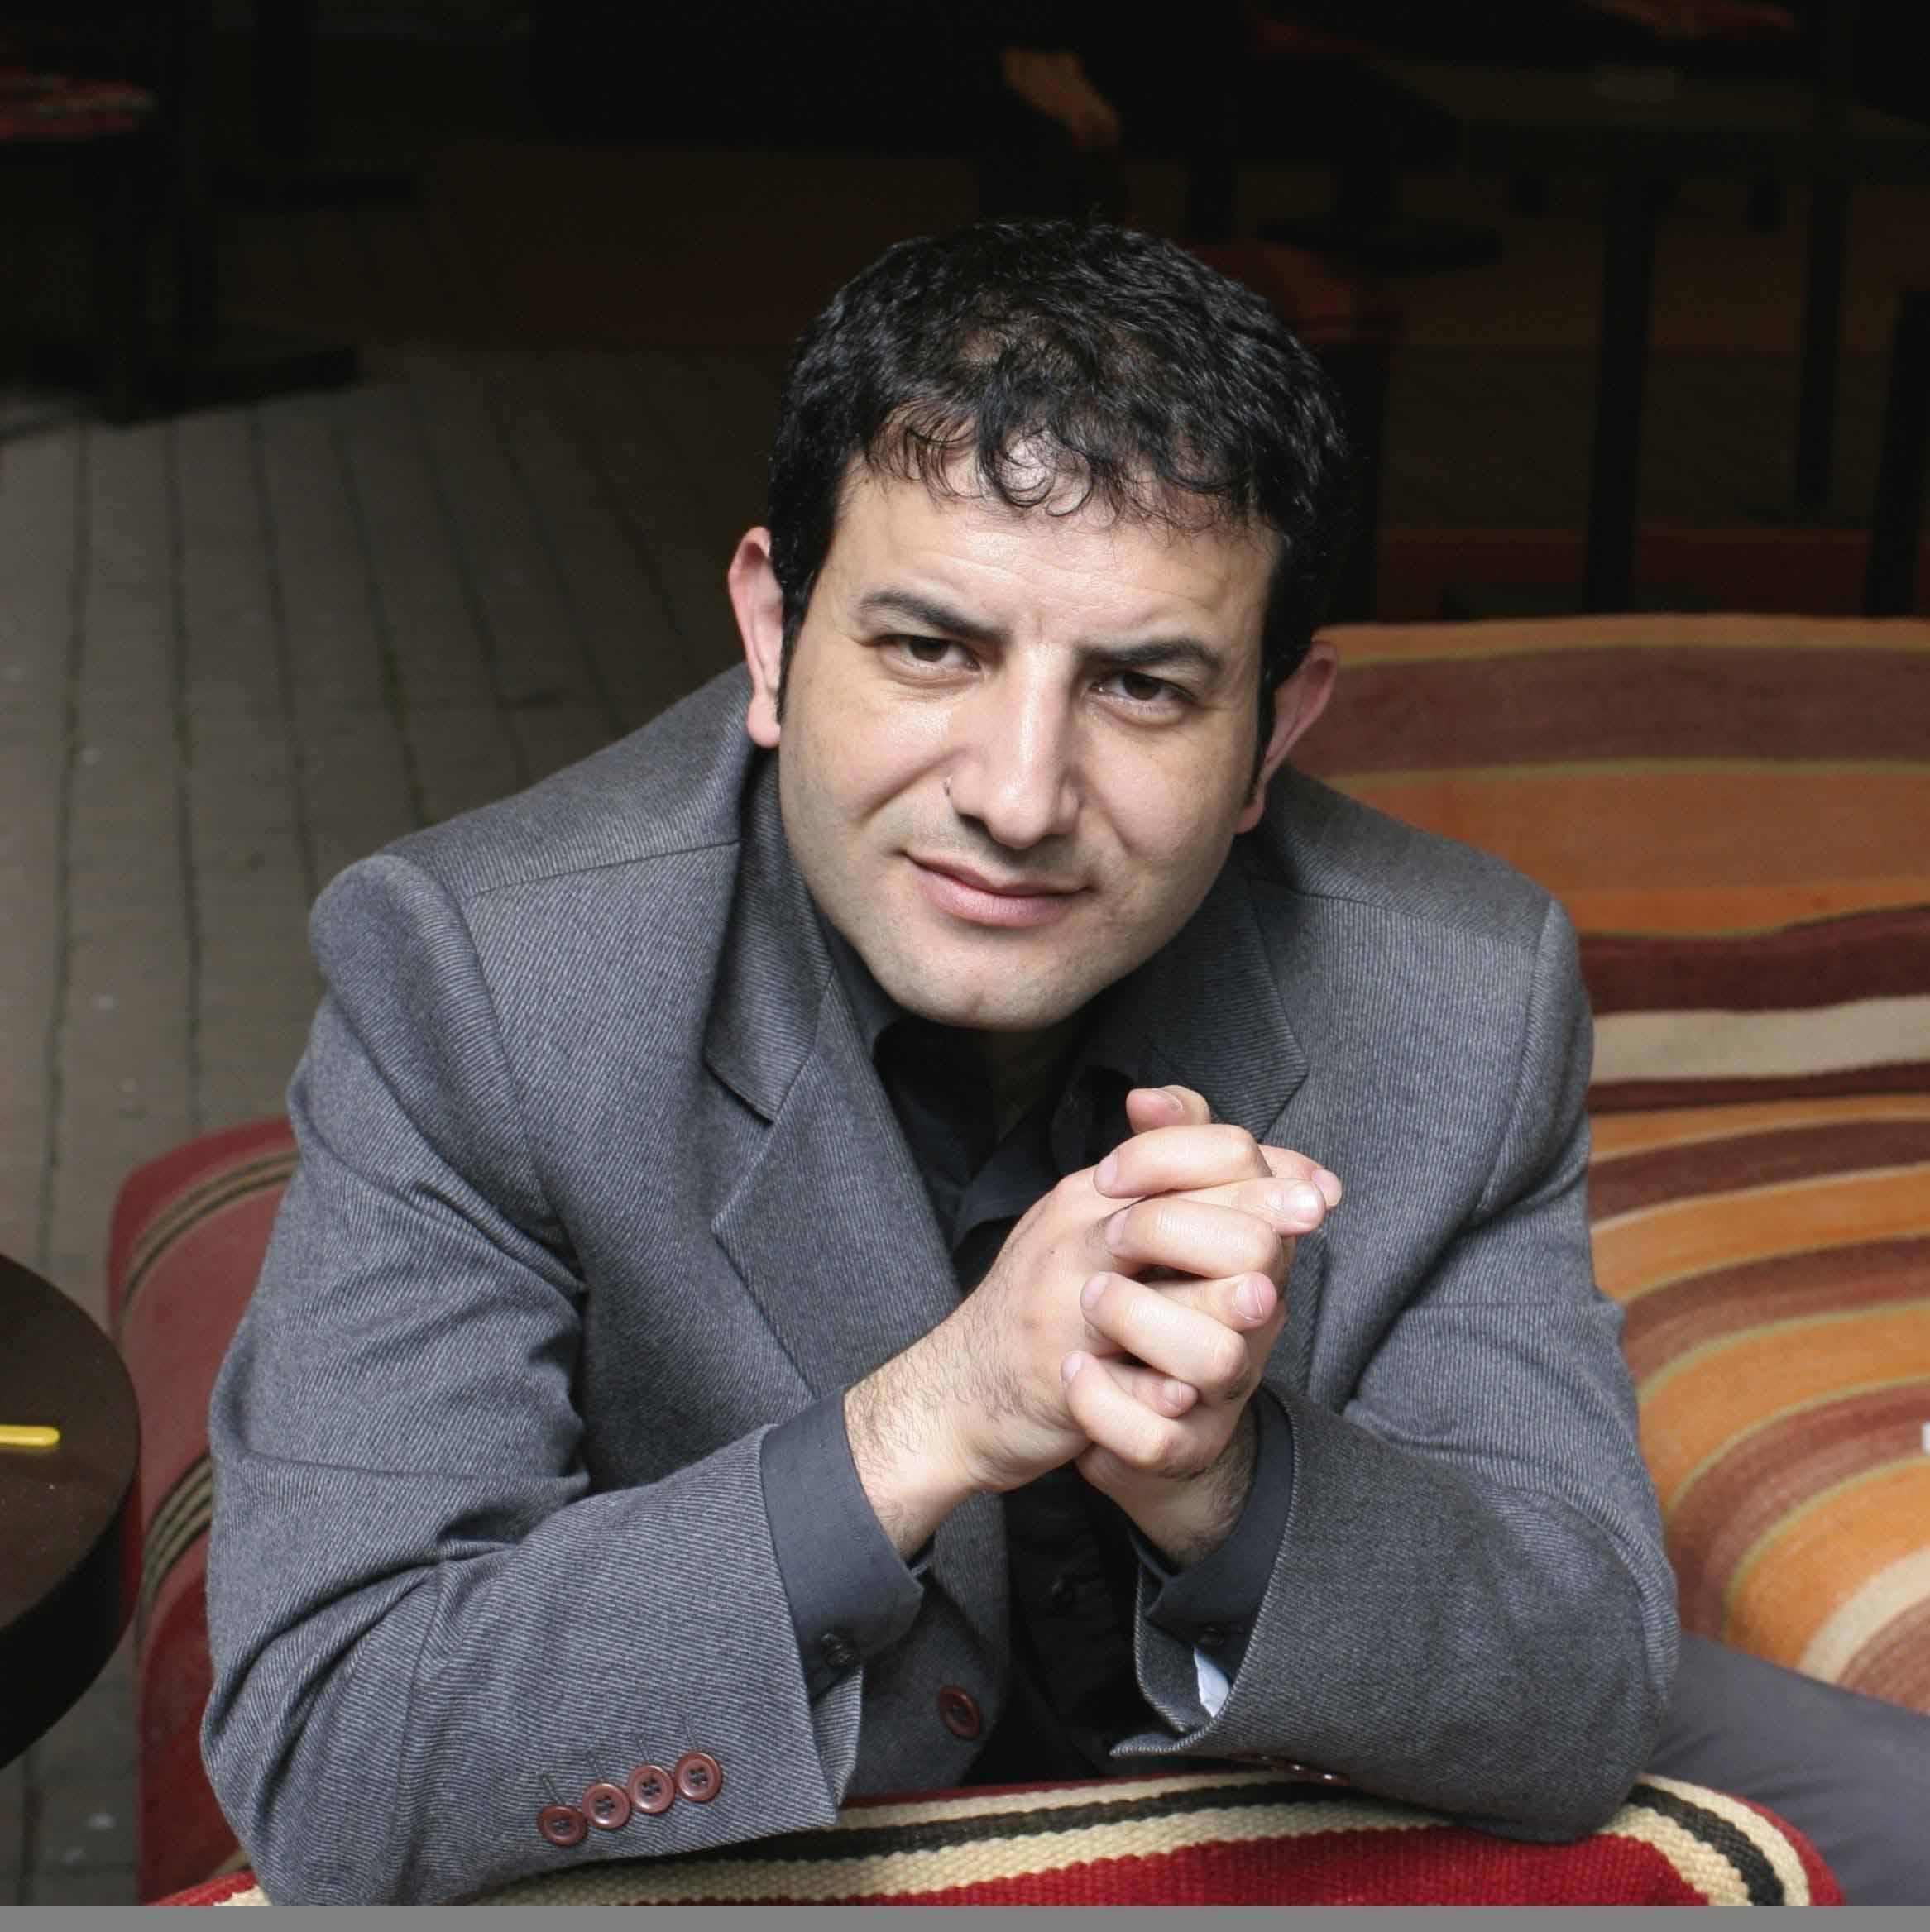 Amara Lakhous. Turin. May 2006